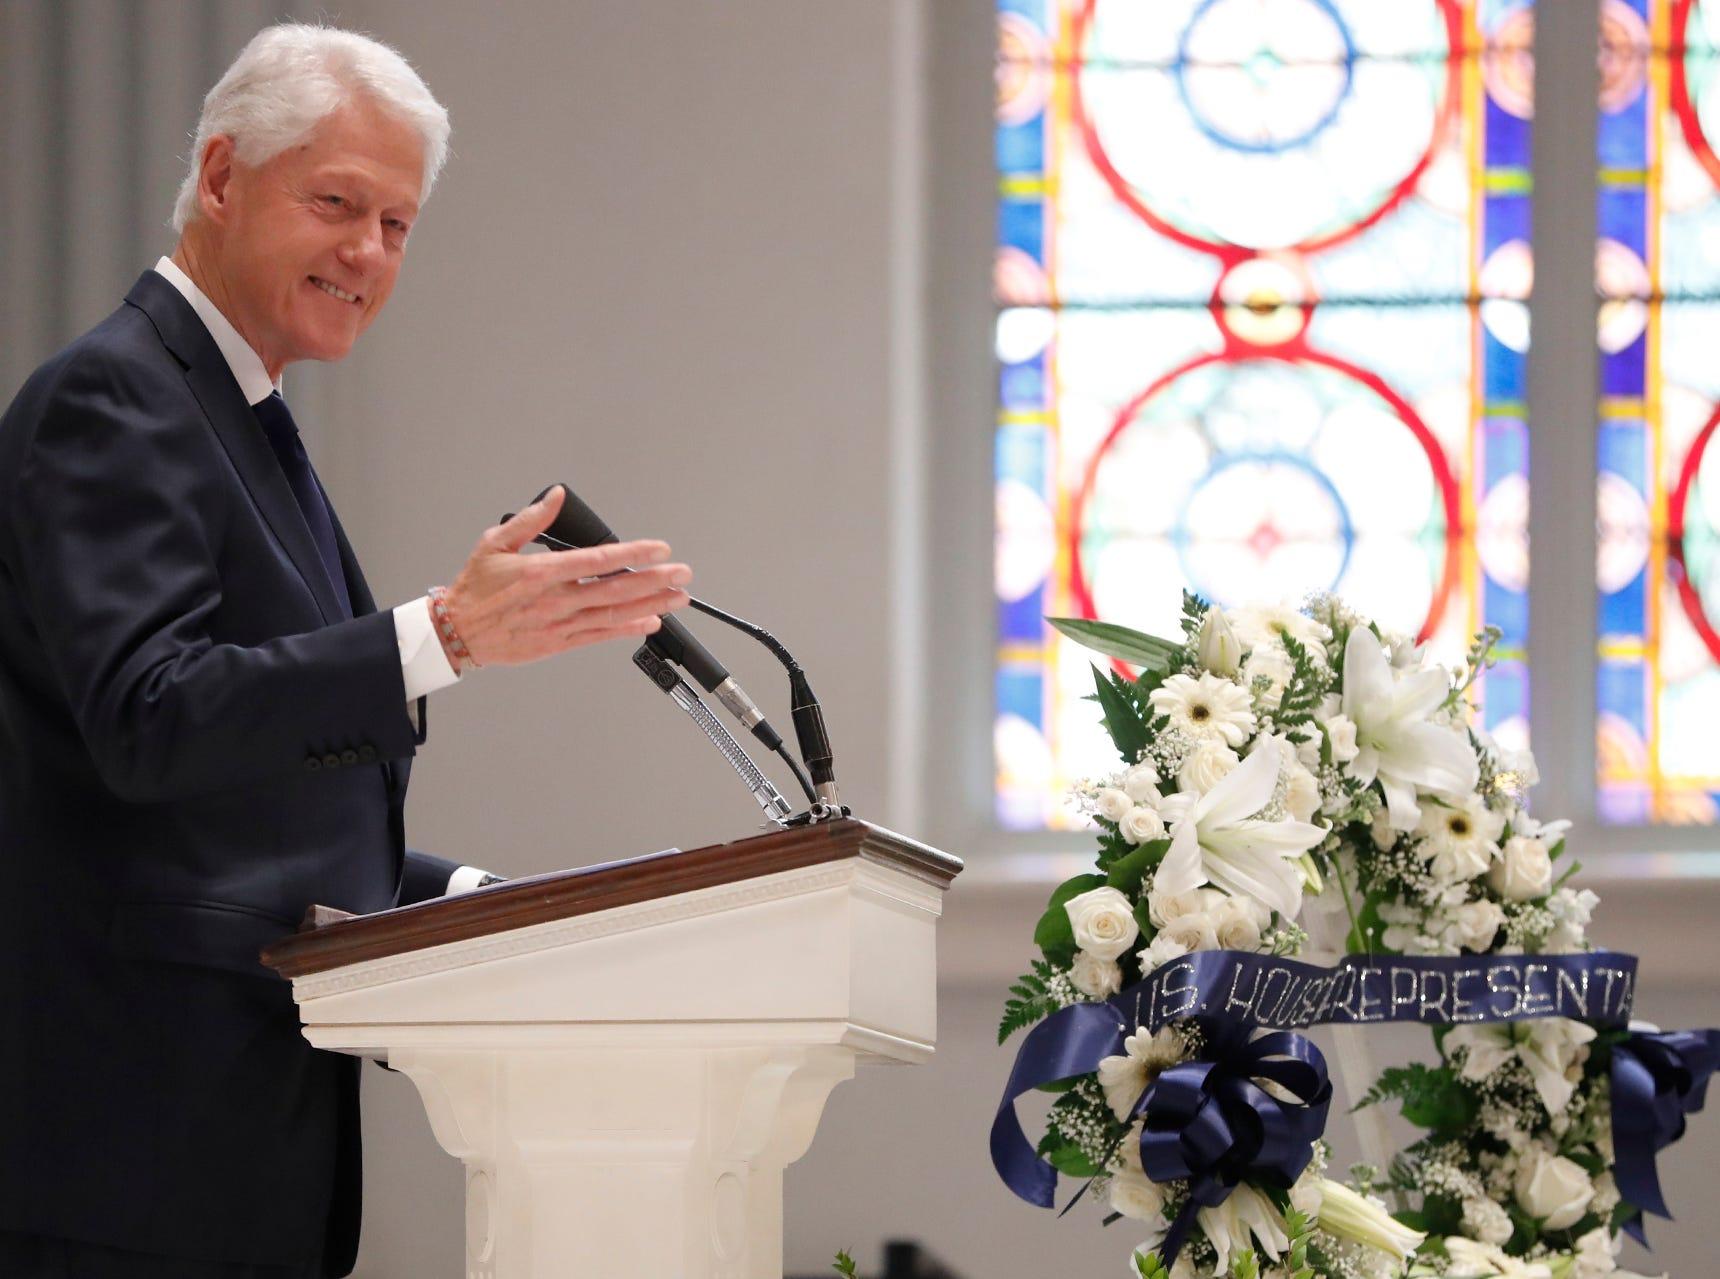 Former President Bill Clinton speaks at the funeral for former Rep. John Dingell.